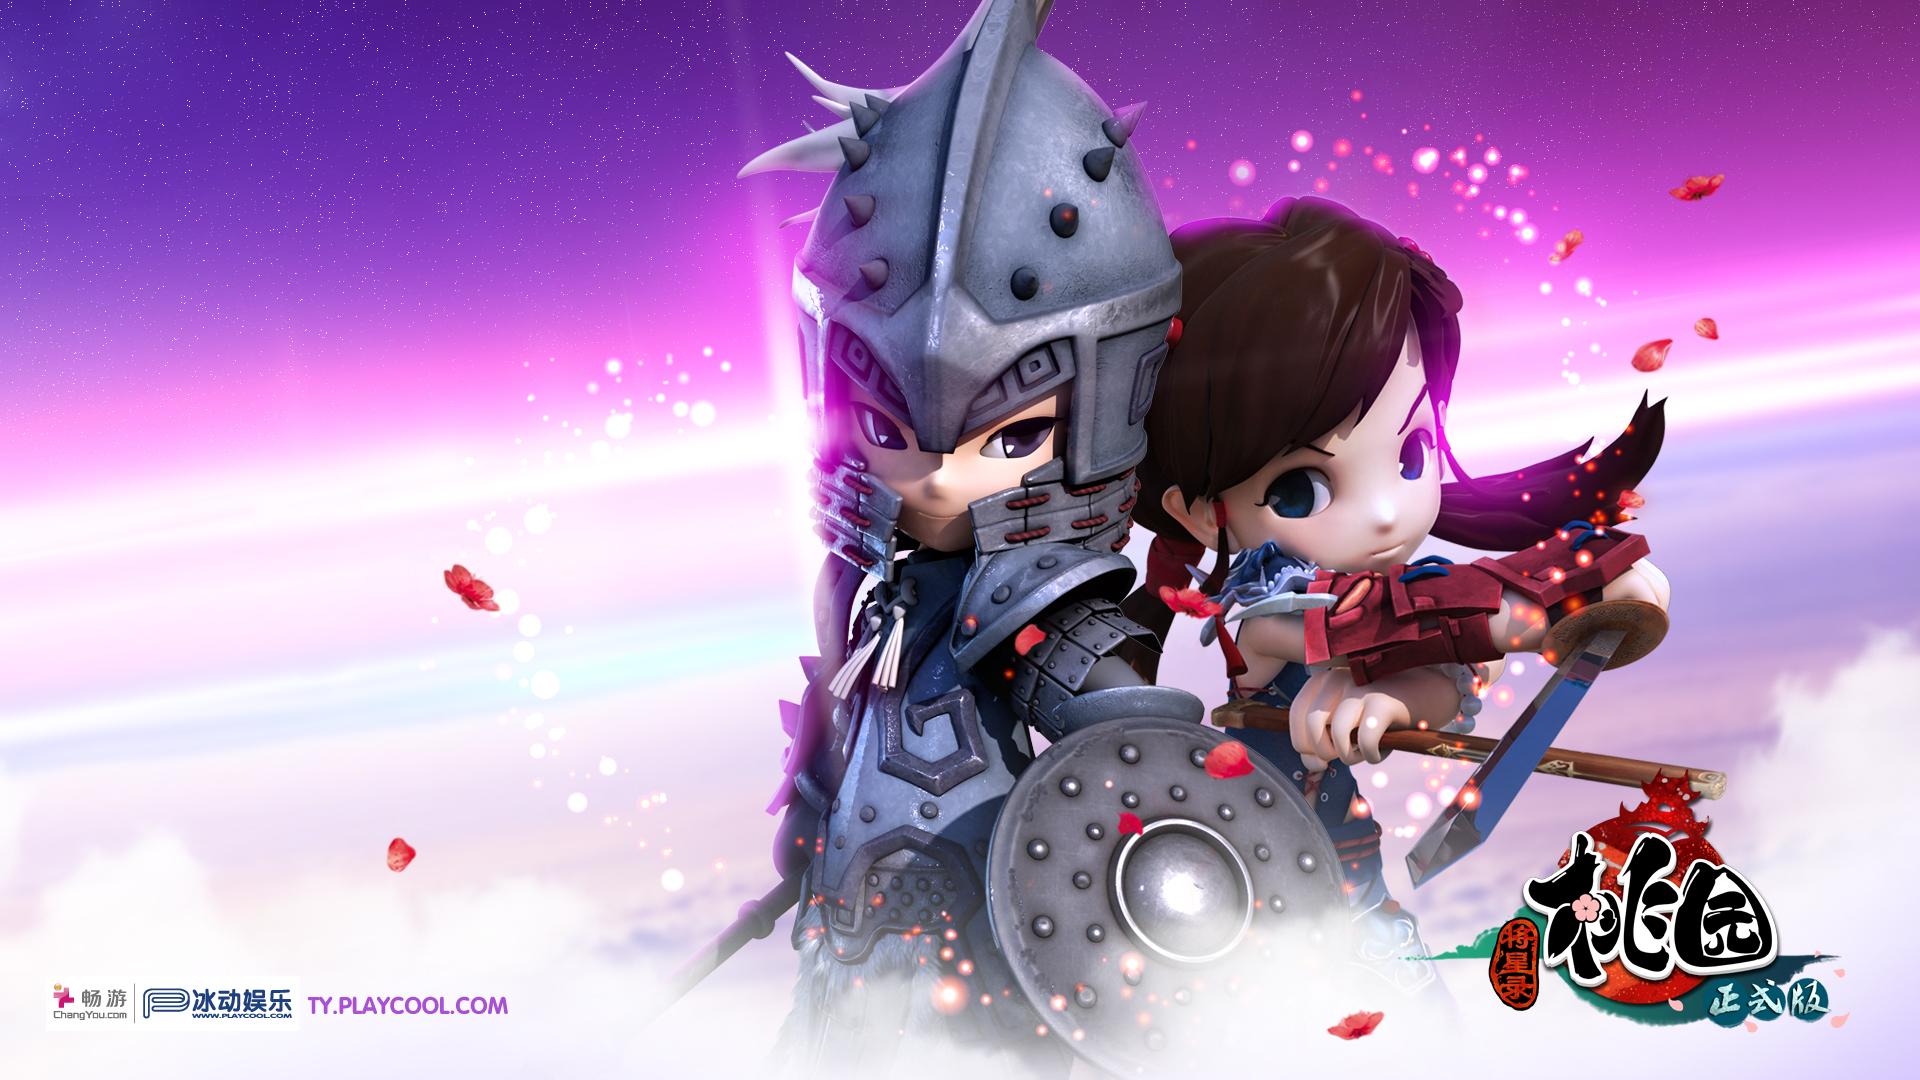 Chiêm ngưỡng hình nền dễ thương của Đào Viên Online - Ảnh 2